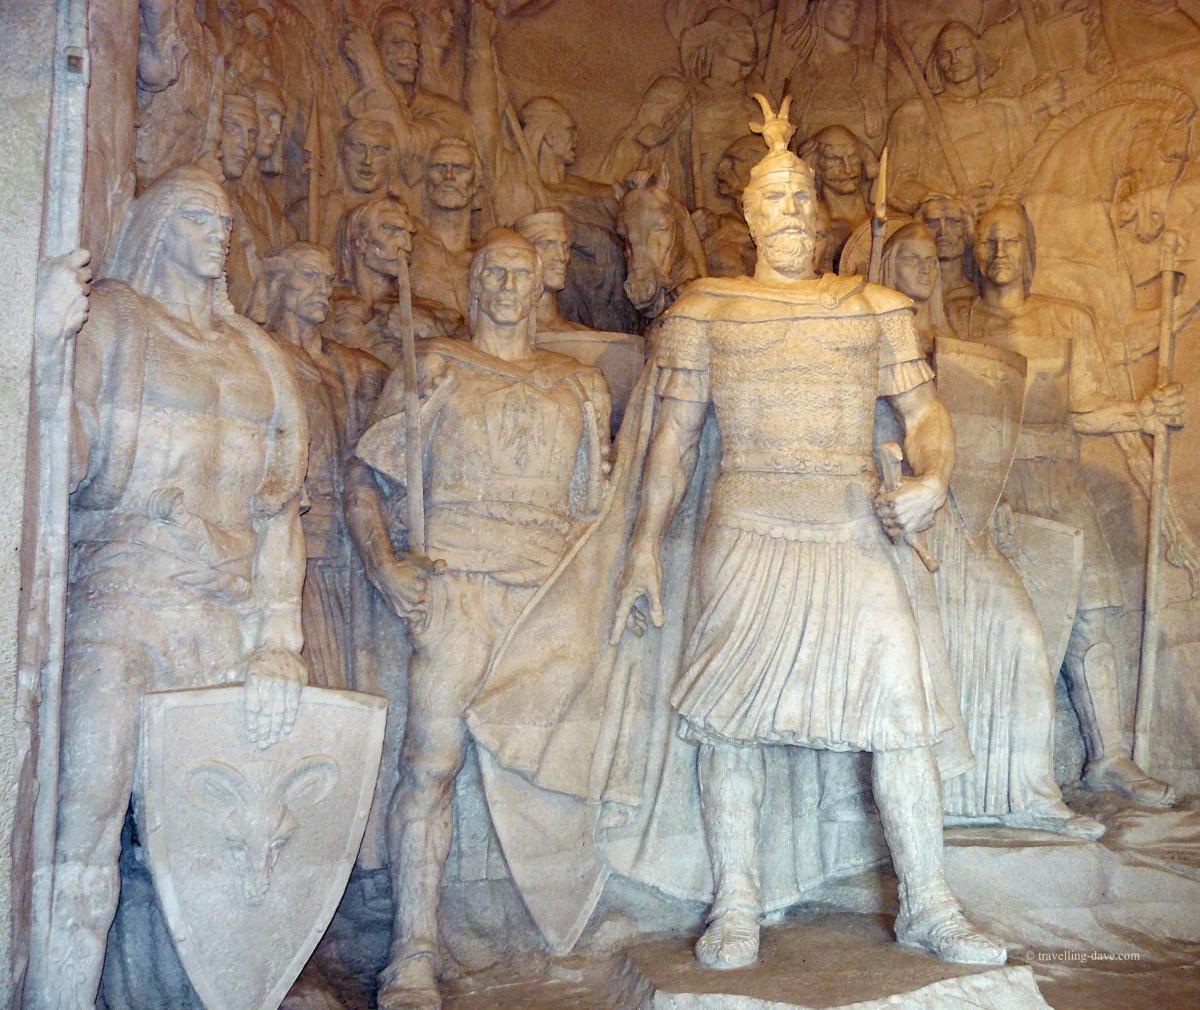 Inside the Skanderbeg Museum in Kruje, Albania